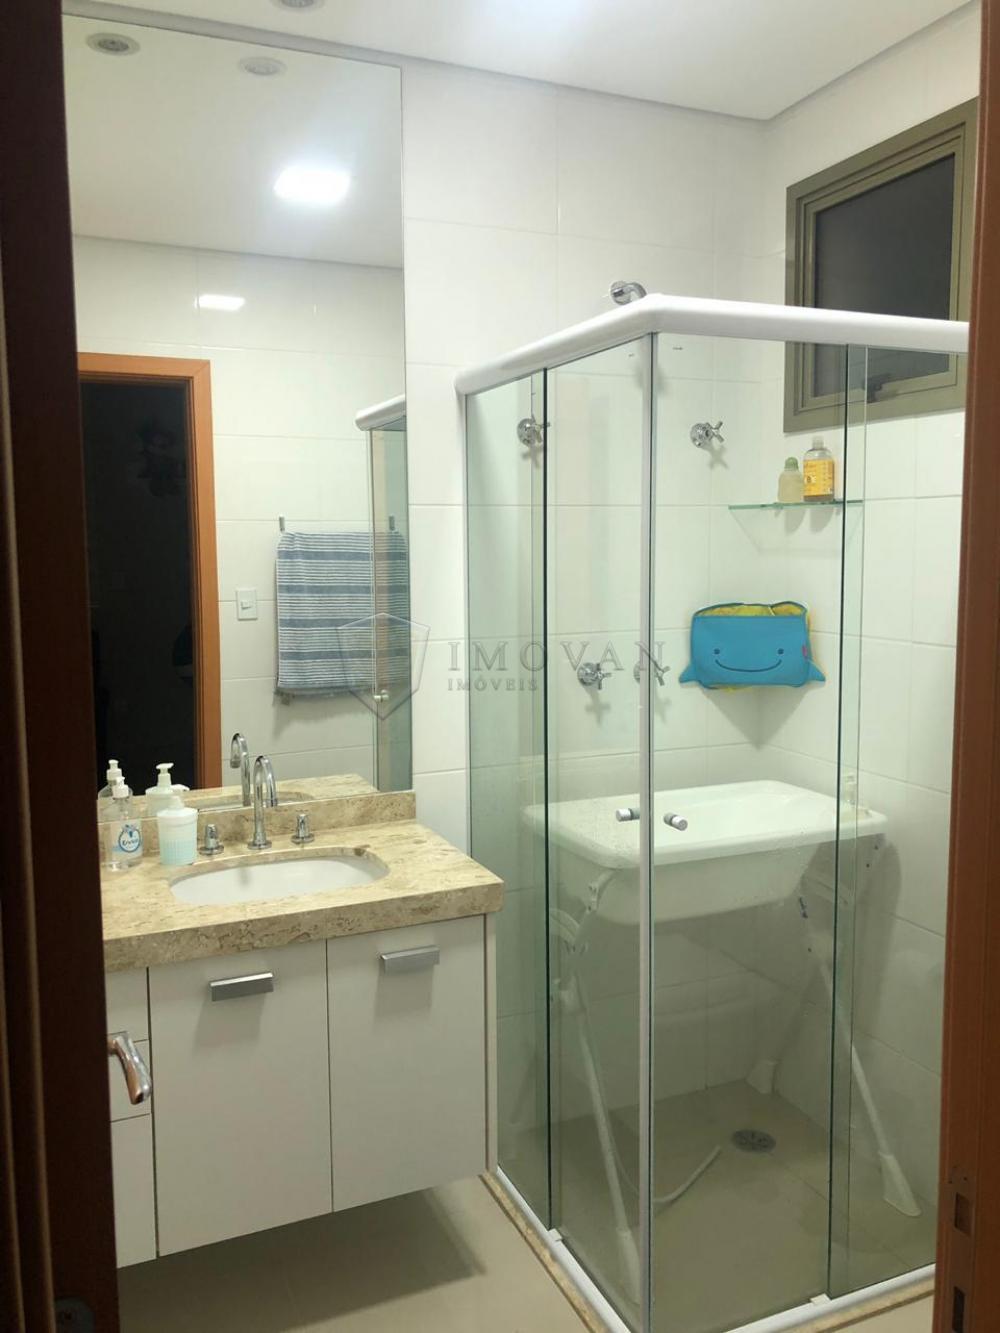 Comprar Apartamento / Padrão em Ribeirão Preto apenas R$ 695.000,00 - Foto 11